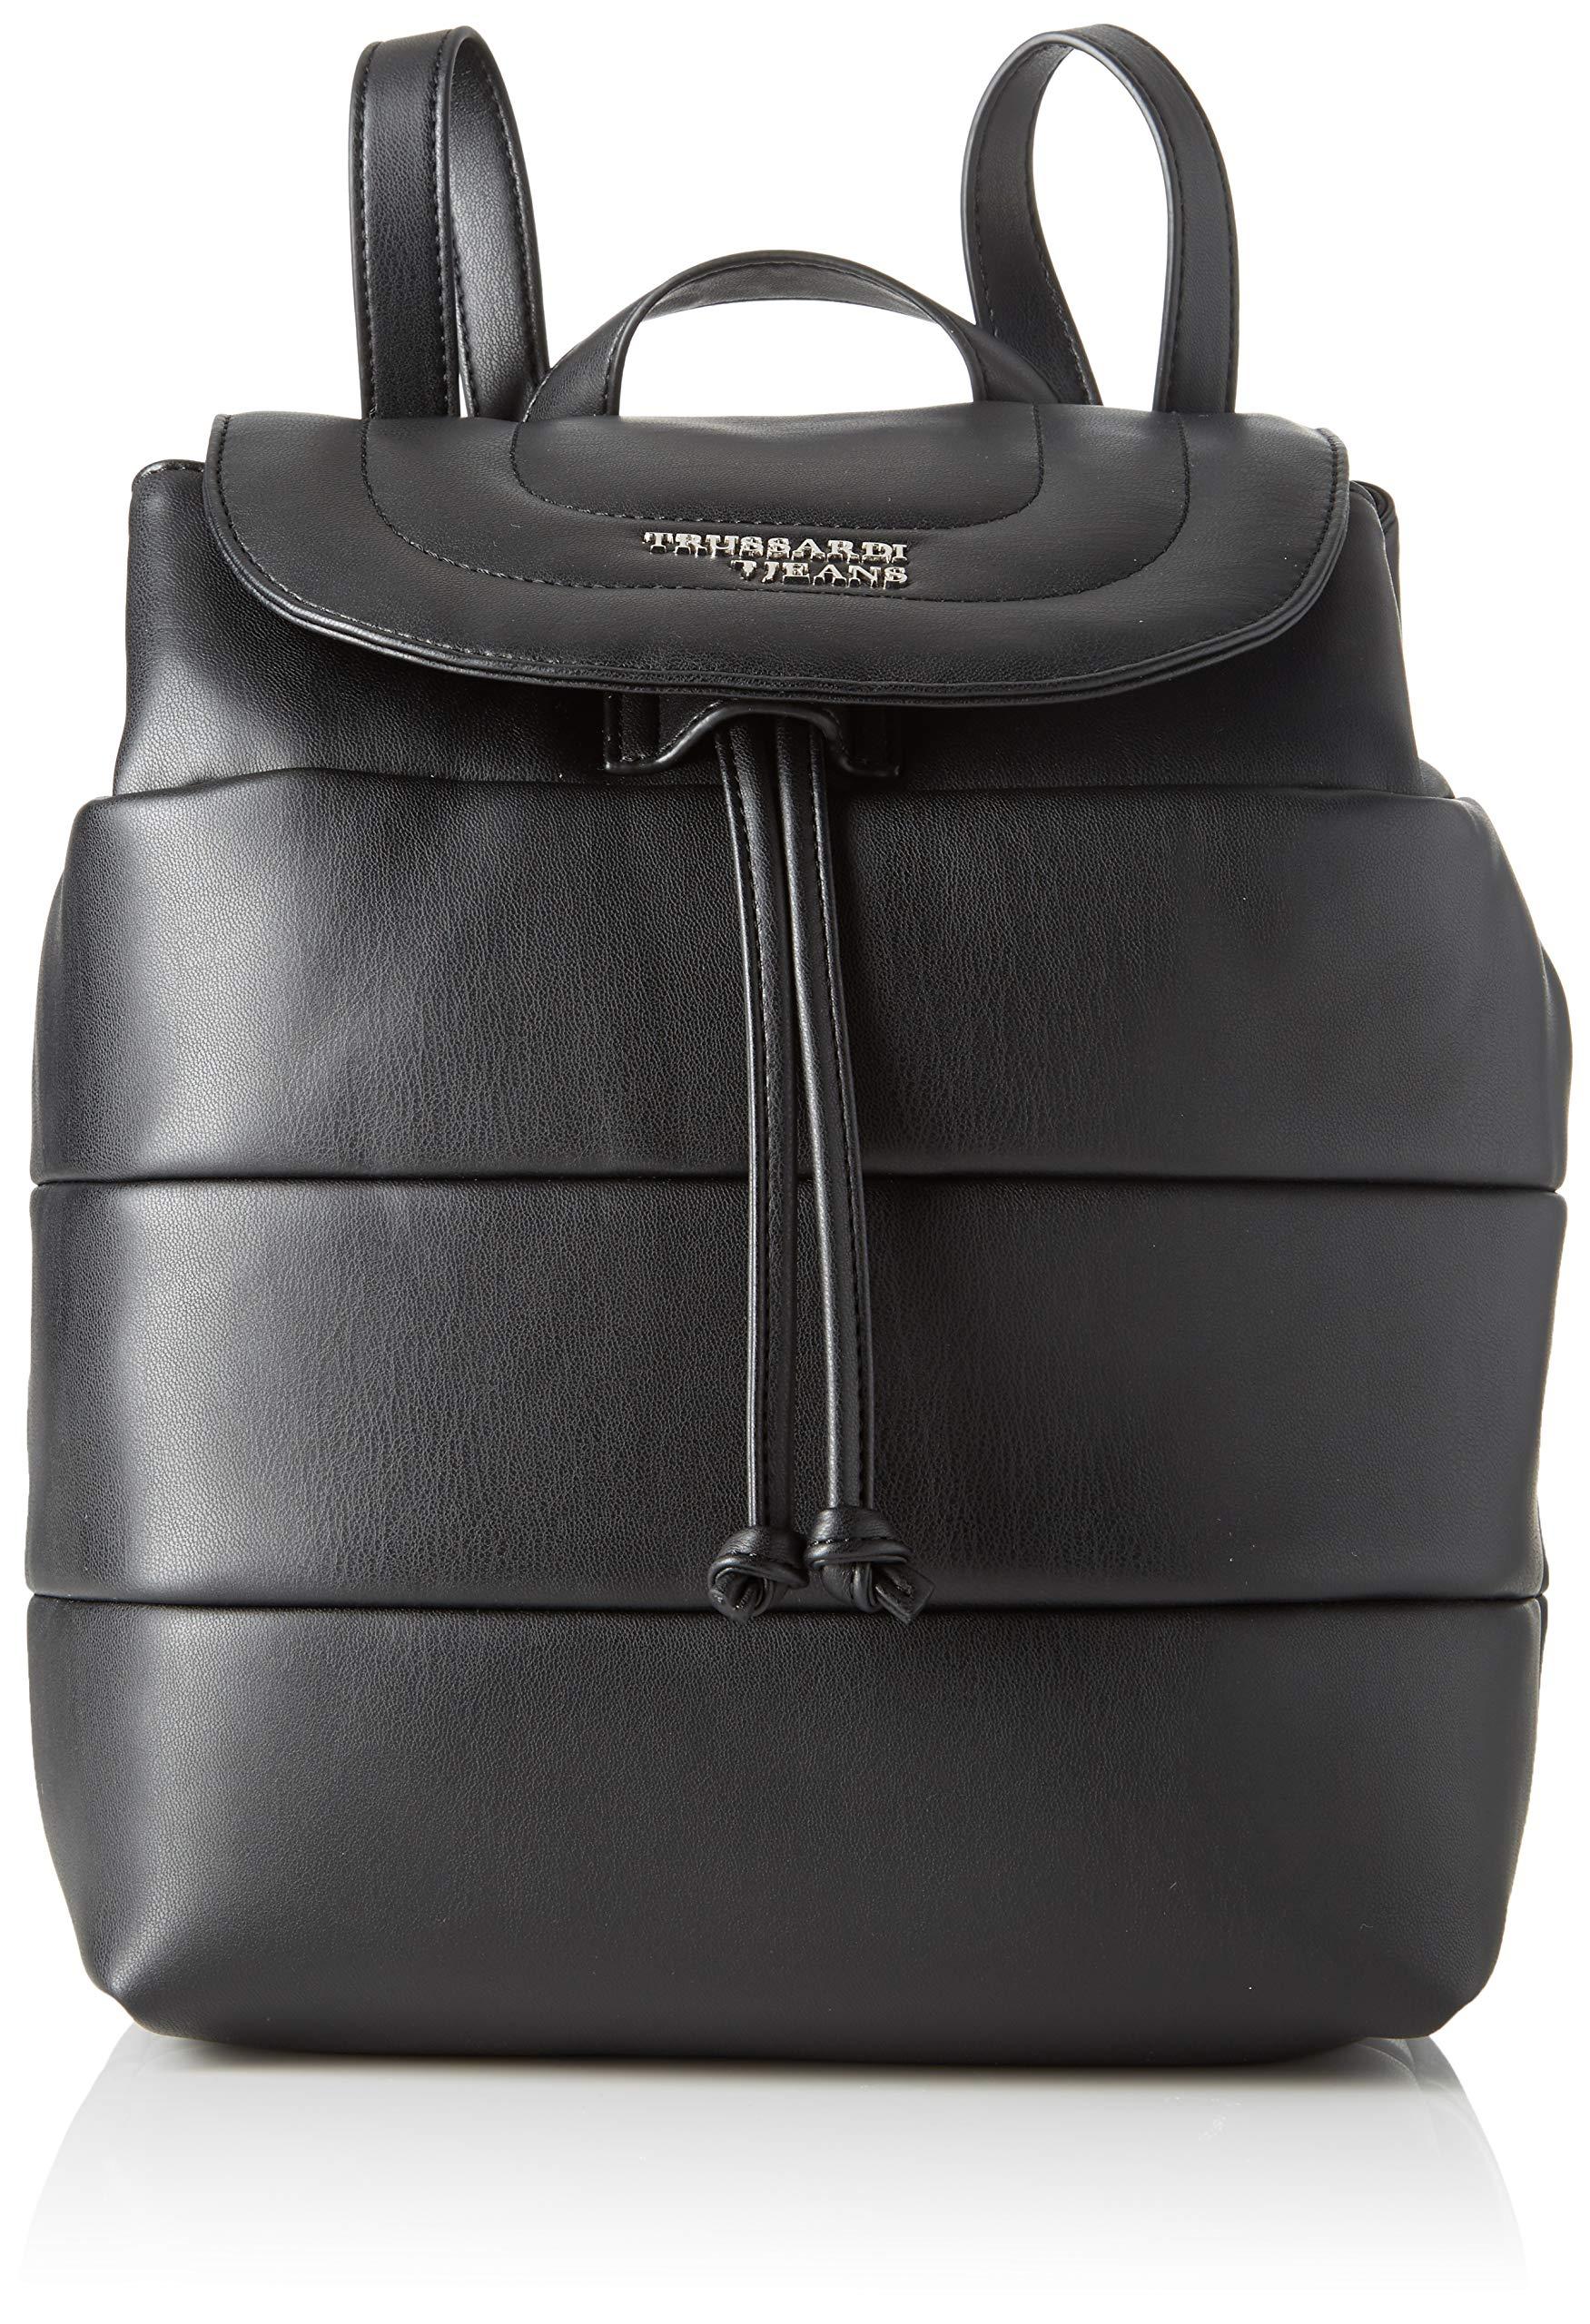 EcoleFemmeNoirblack14x27x22 Jeans L Soft H Cmw Trussardi Stripes Backpack Sm X O0NnwPkX8Z